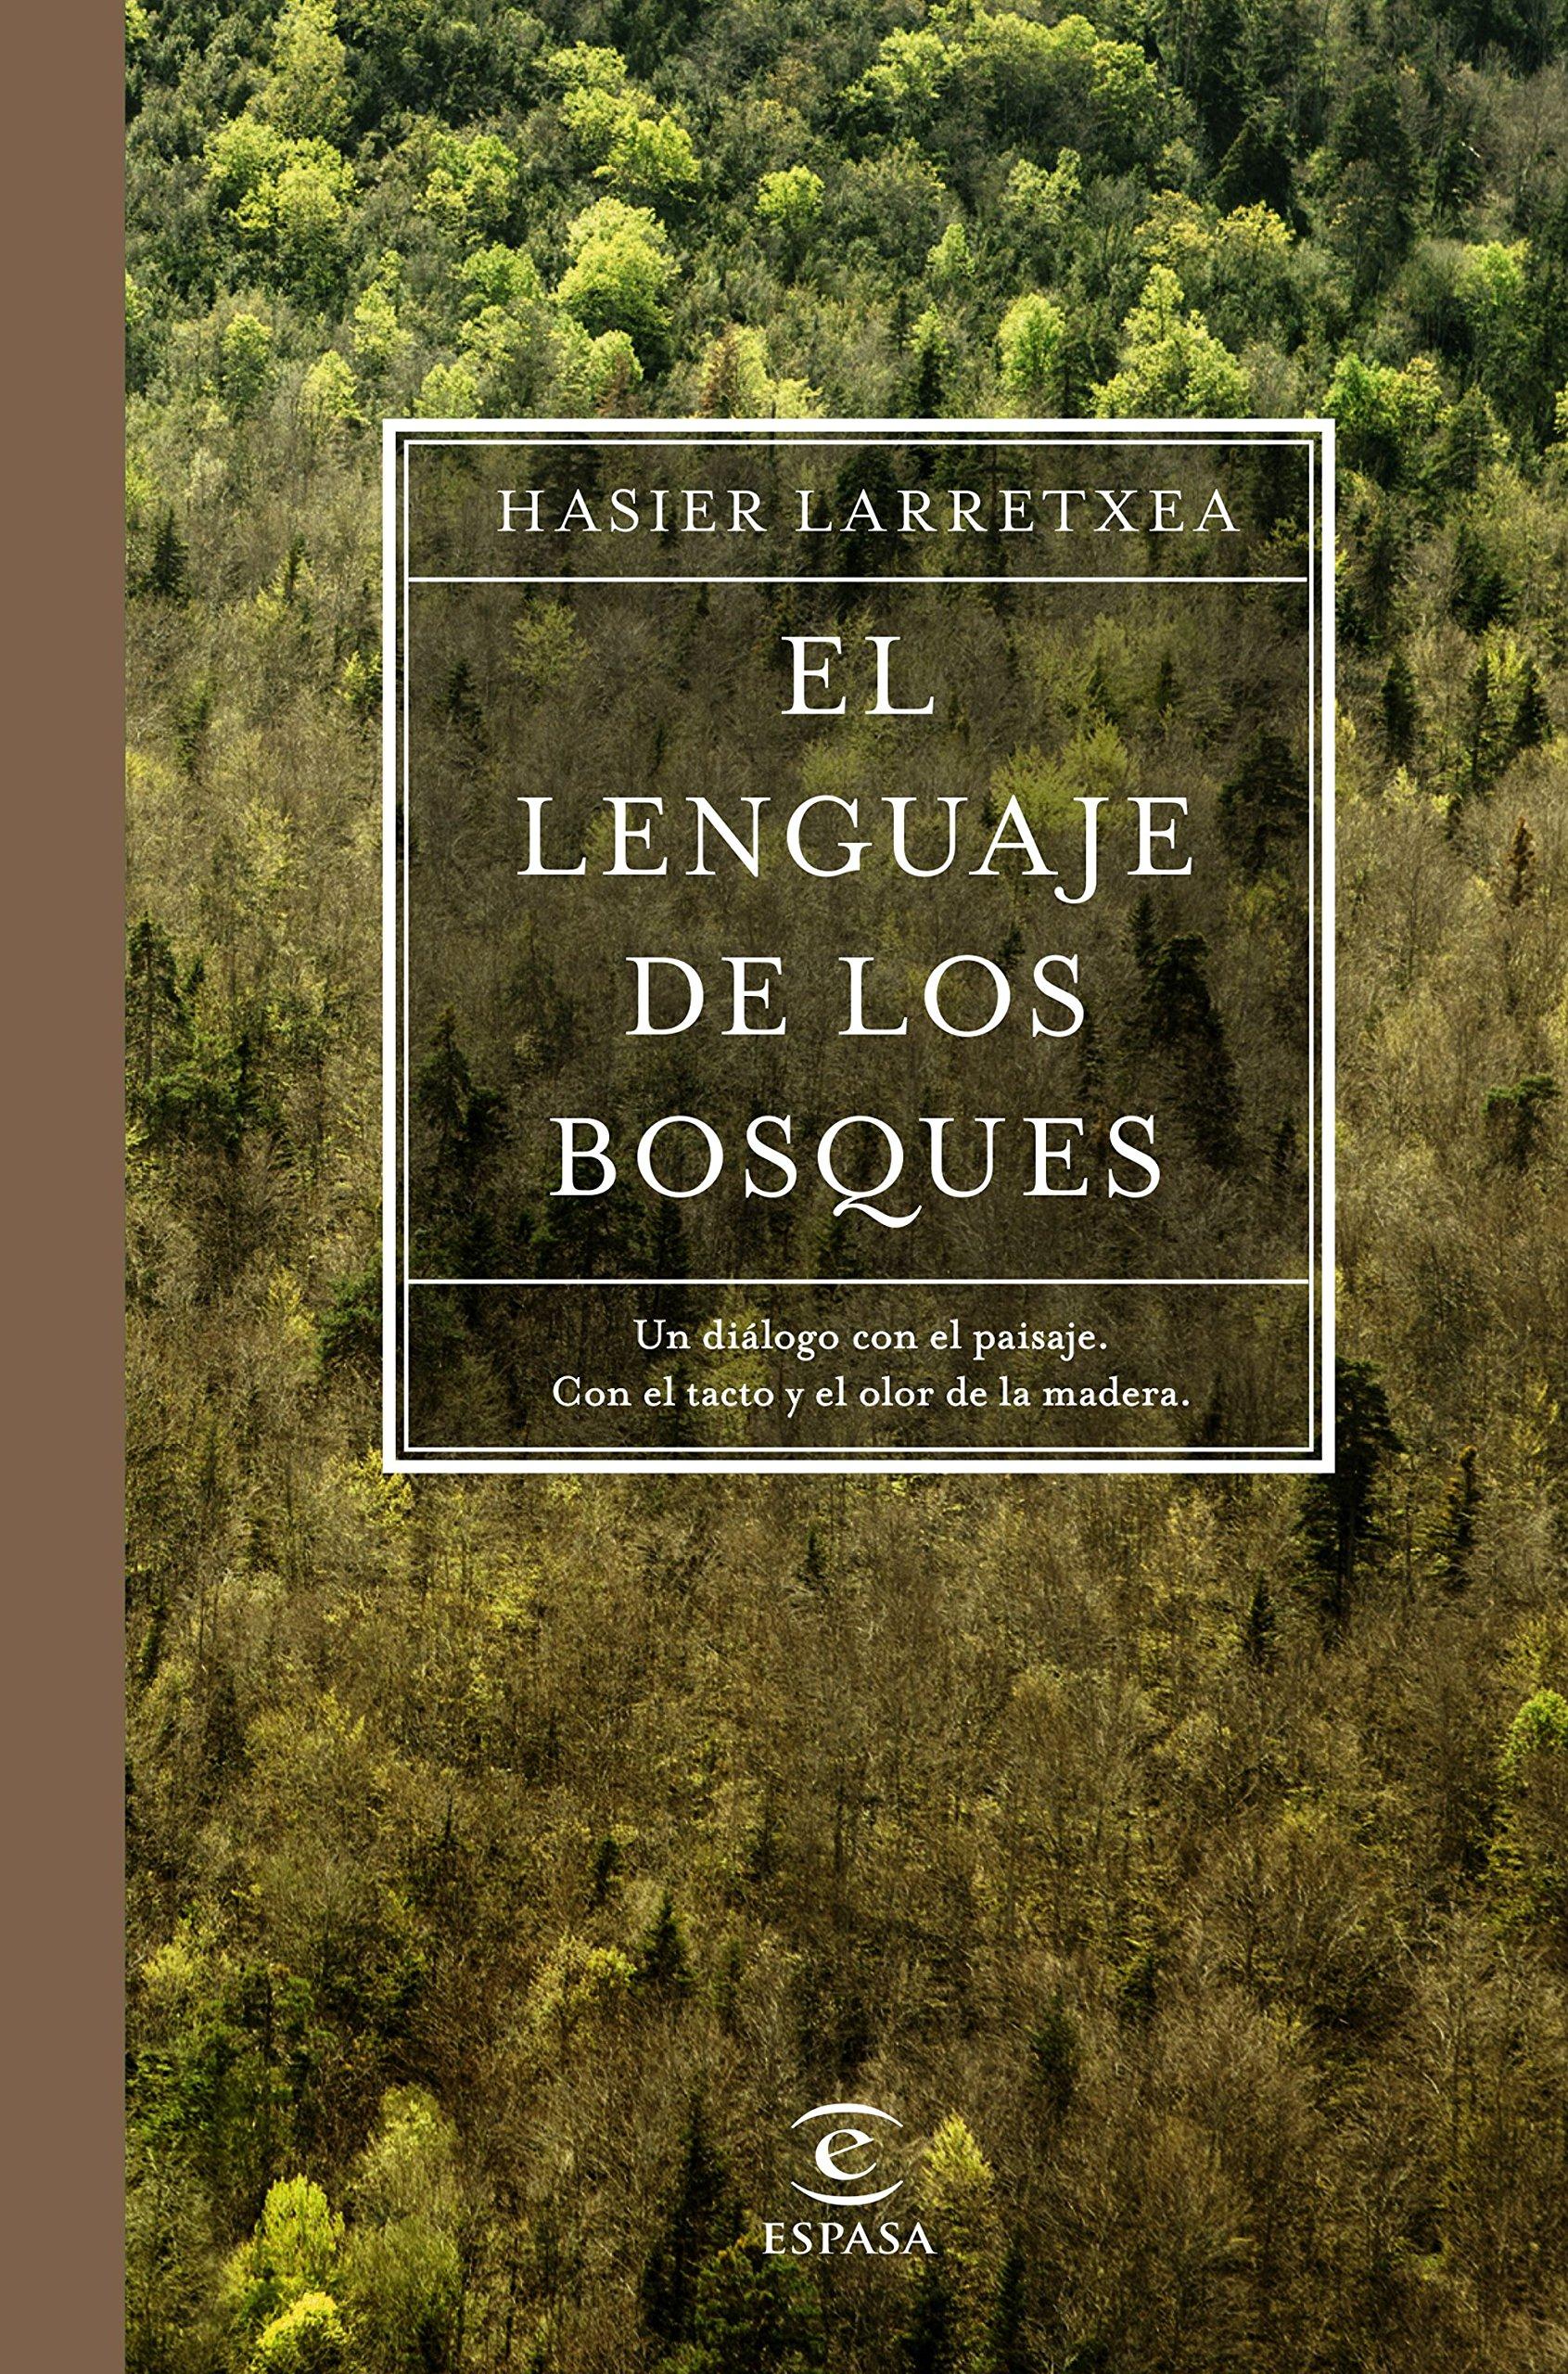 El lenguaje de los bosques (Fuera de colección): Amazon.es: Larretxea, Hasier: Libros